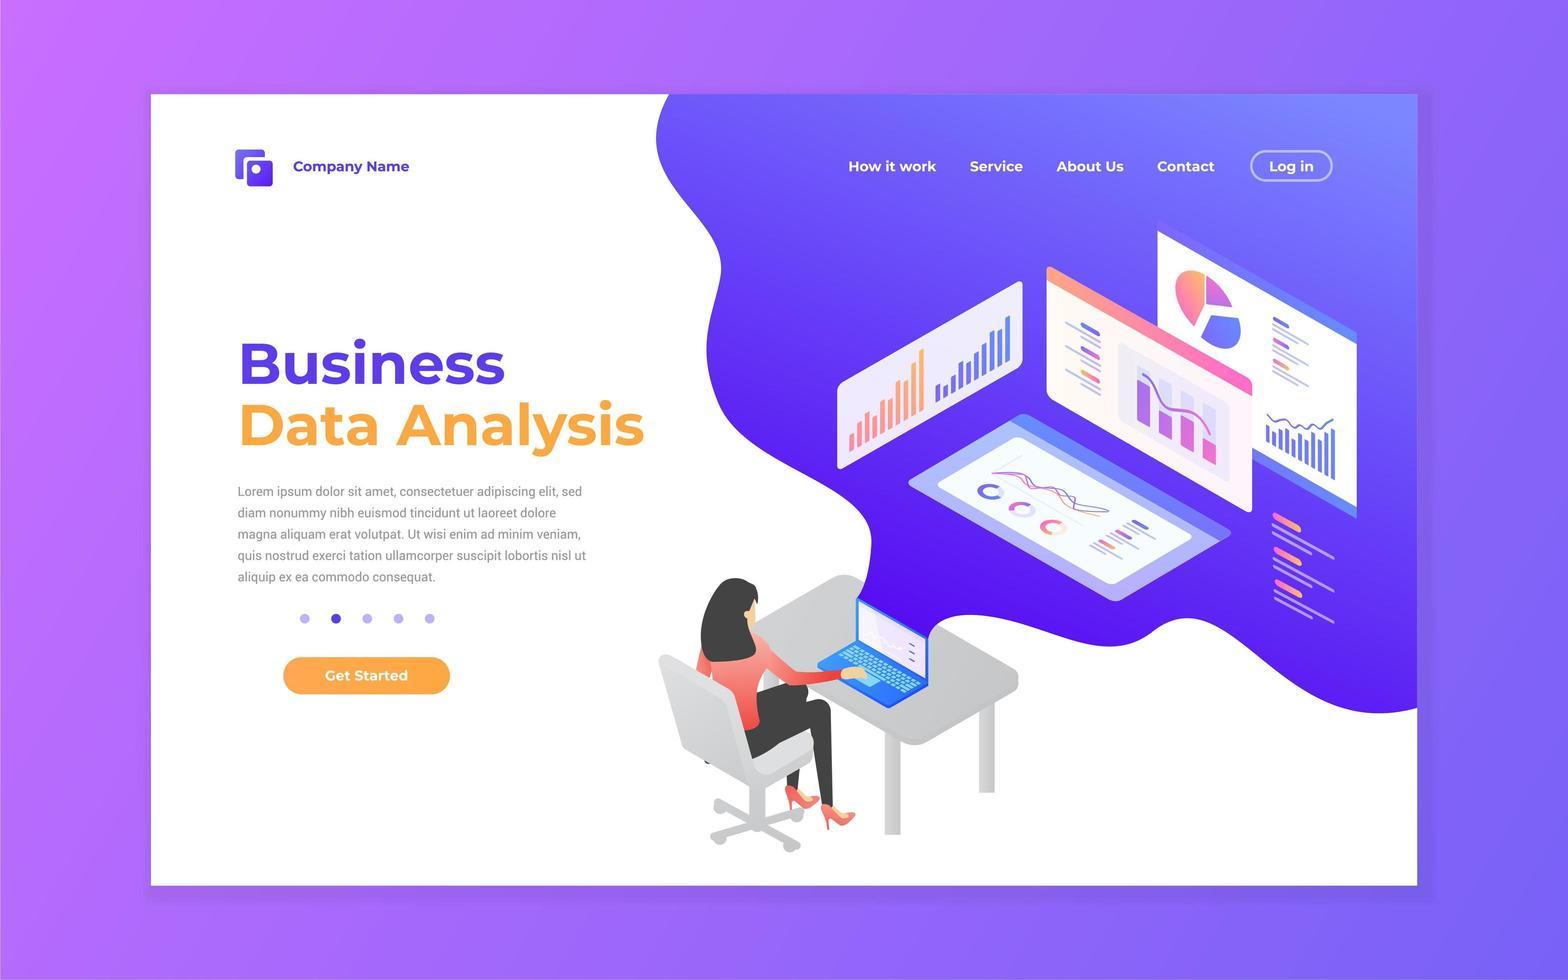 datos comerciales sitio web de anylsis y página de destino móvil vector